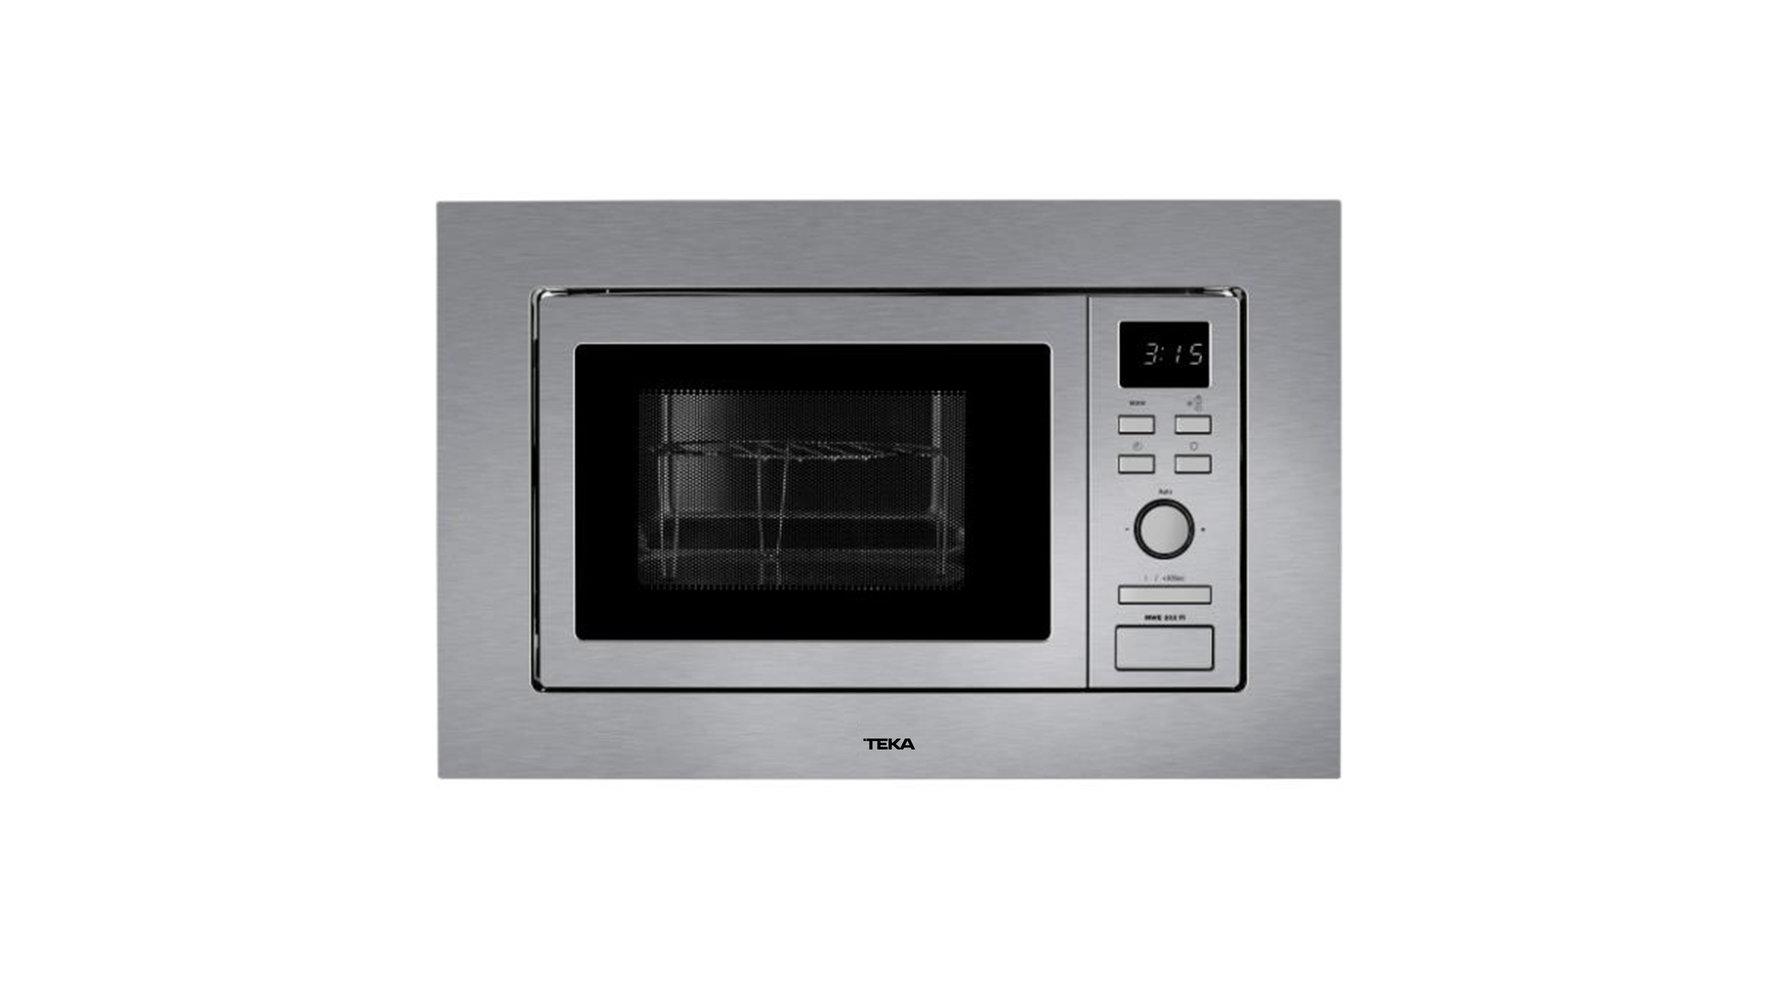 mwe 201 fi built in microwave teka